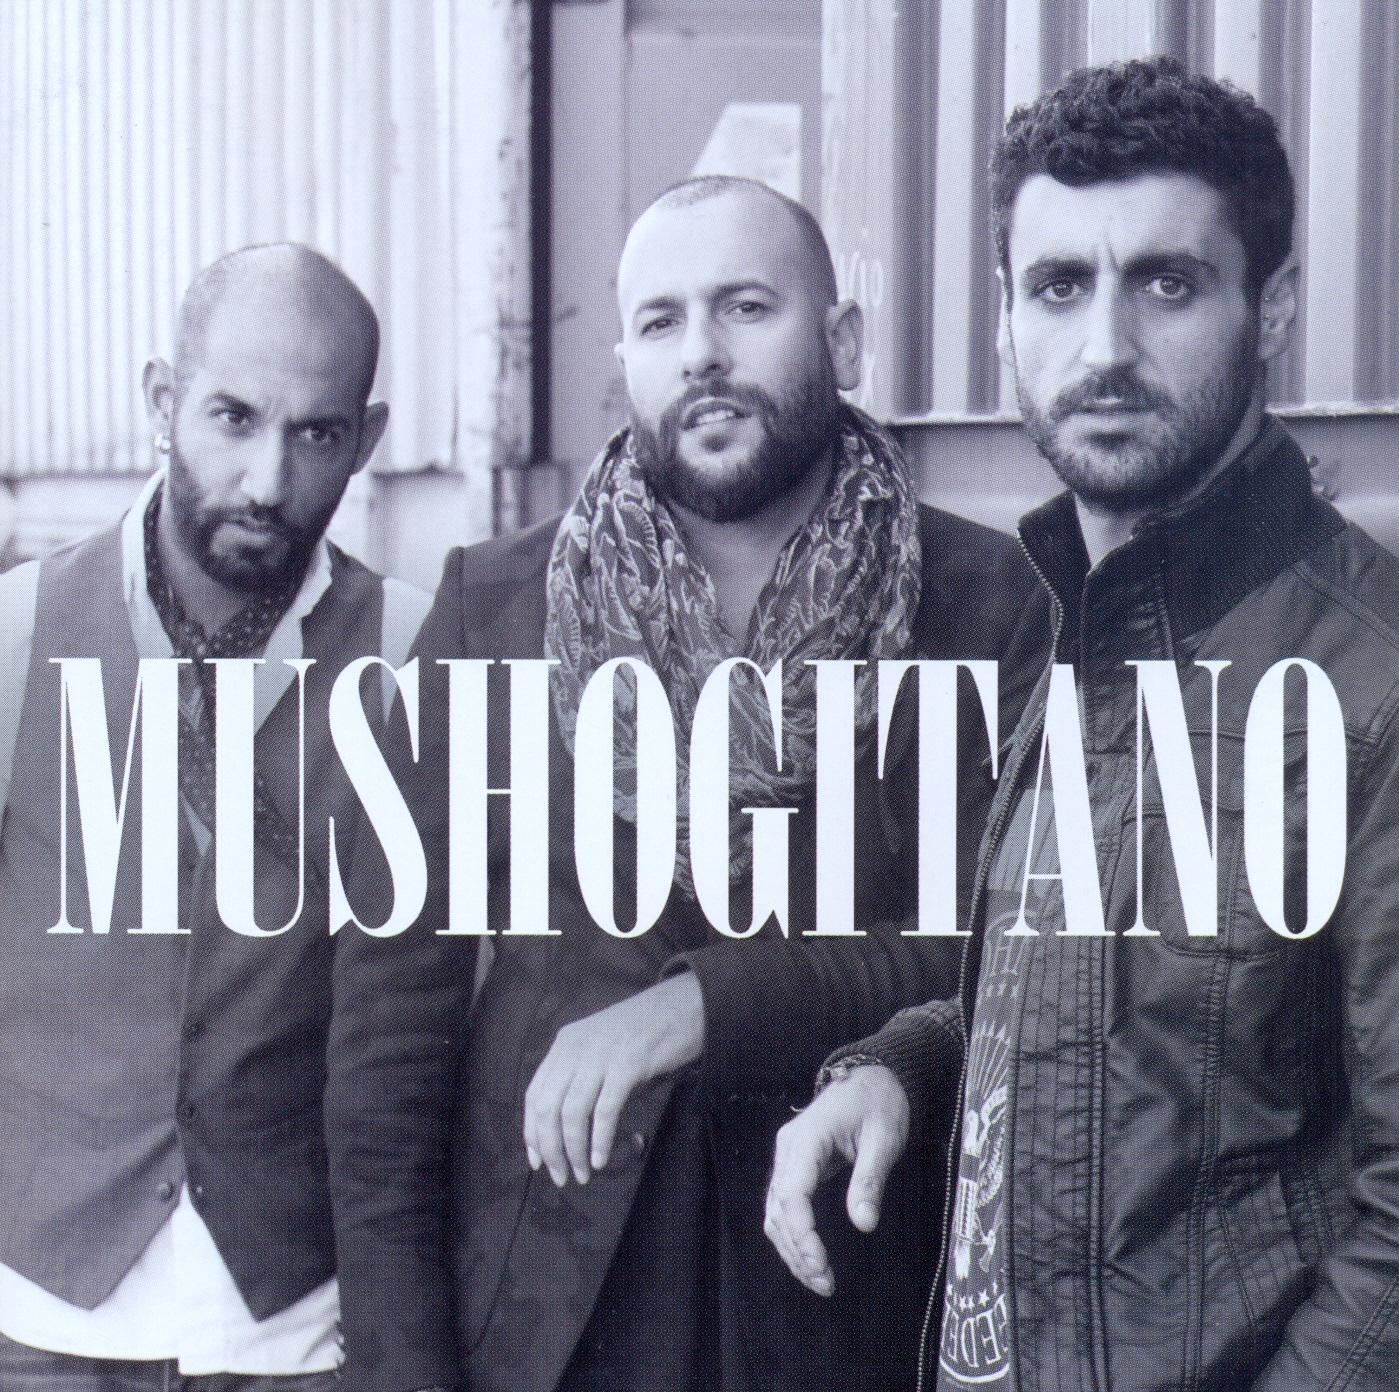 Mushogitano